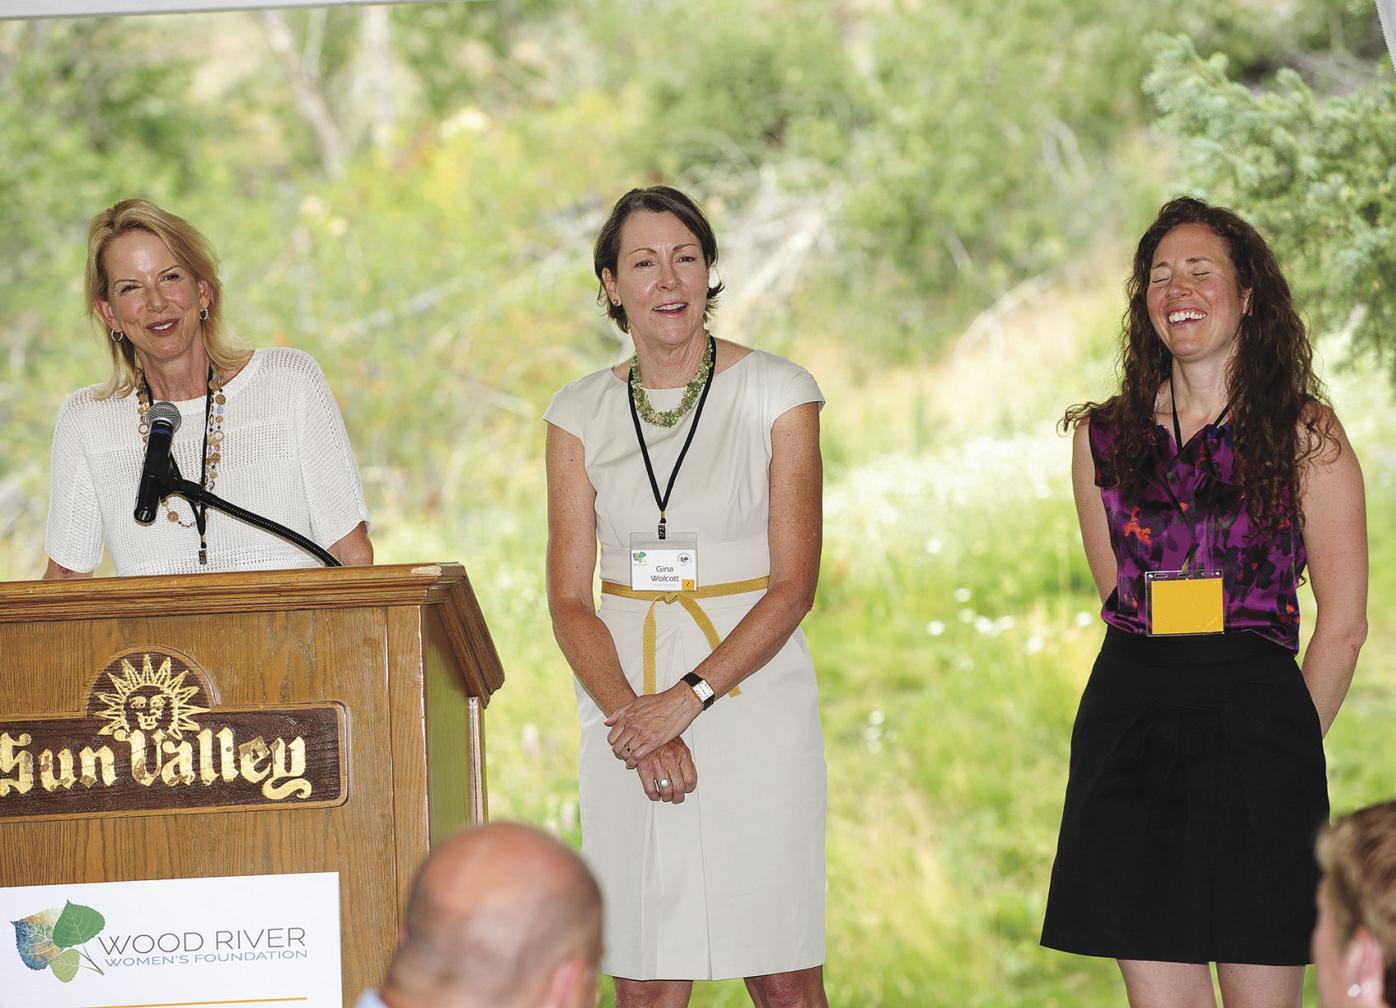 19-08-09 Women's recipients luncheon 1 WF.jpg